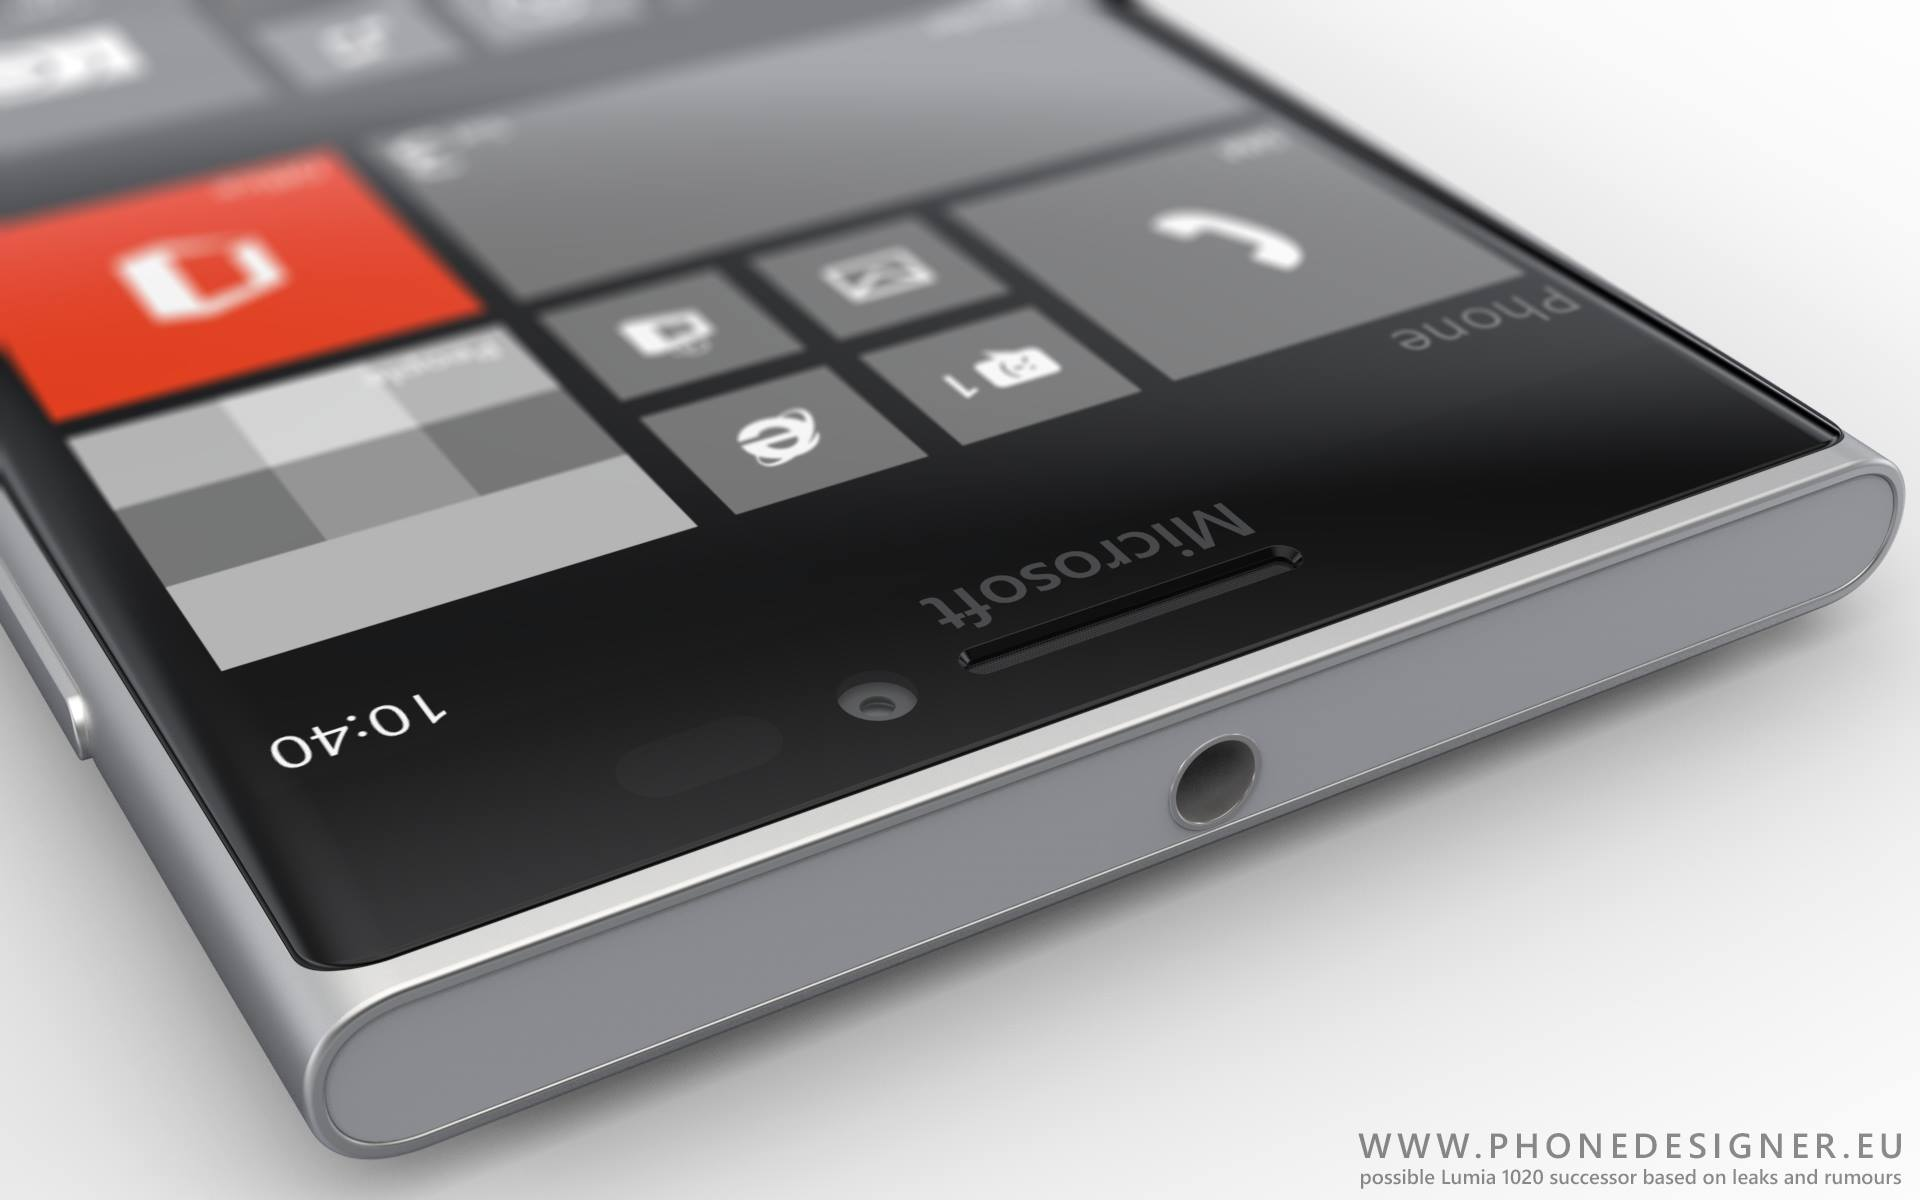 คอนเซ็ป Nokia Lumia 1030 จะใช้บอดี้เป็นอลมิเนียมและ Pureview